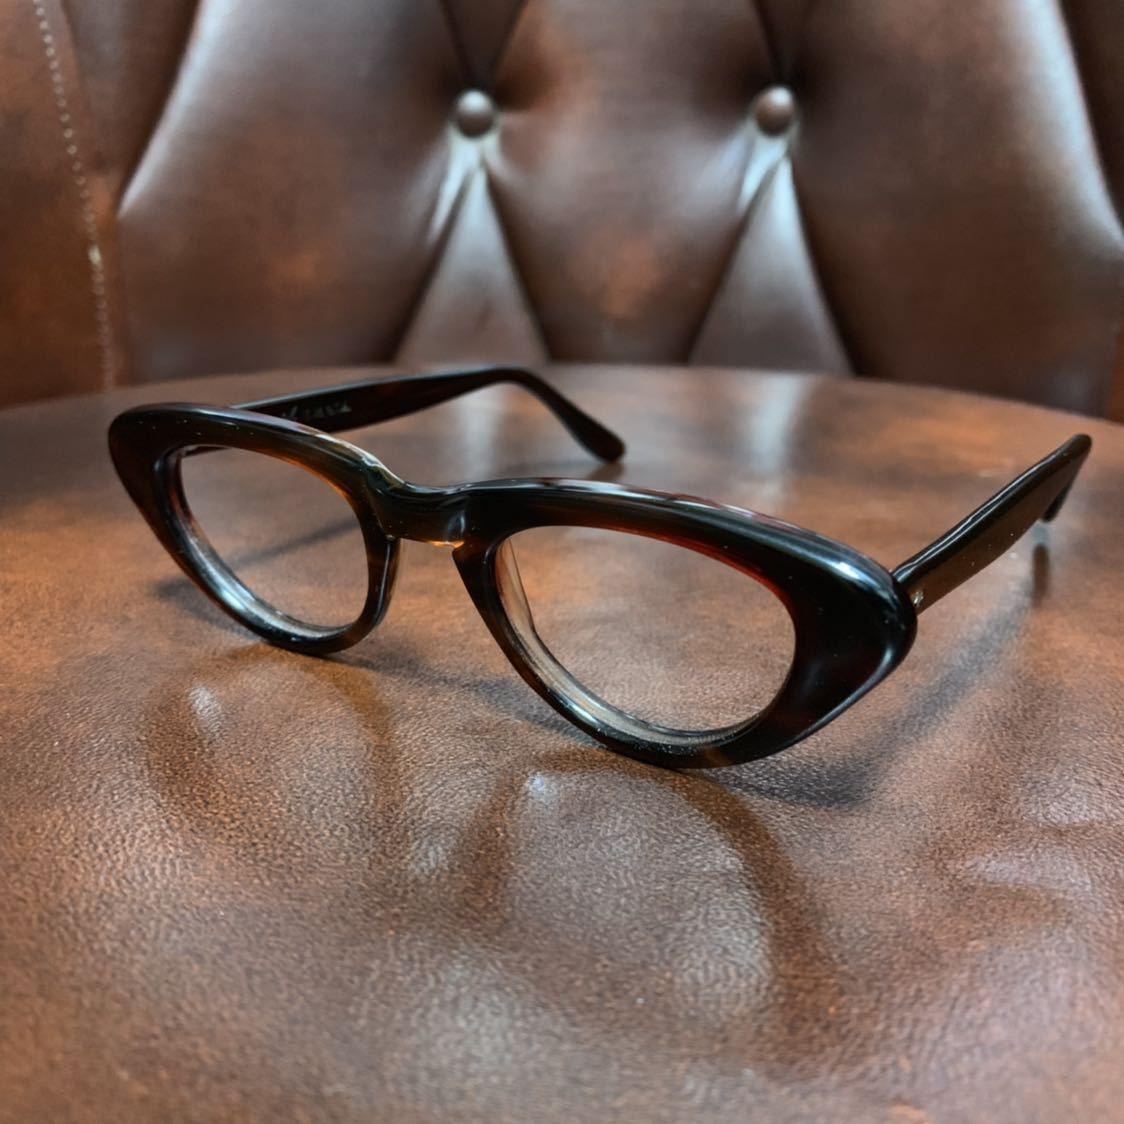 ヴィンテージ 50's デッドストック IMPERIAL セルフレーム 眼鏡 メガネ フォックス キャッツアイ_画像1